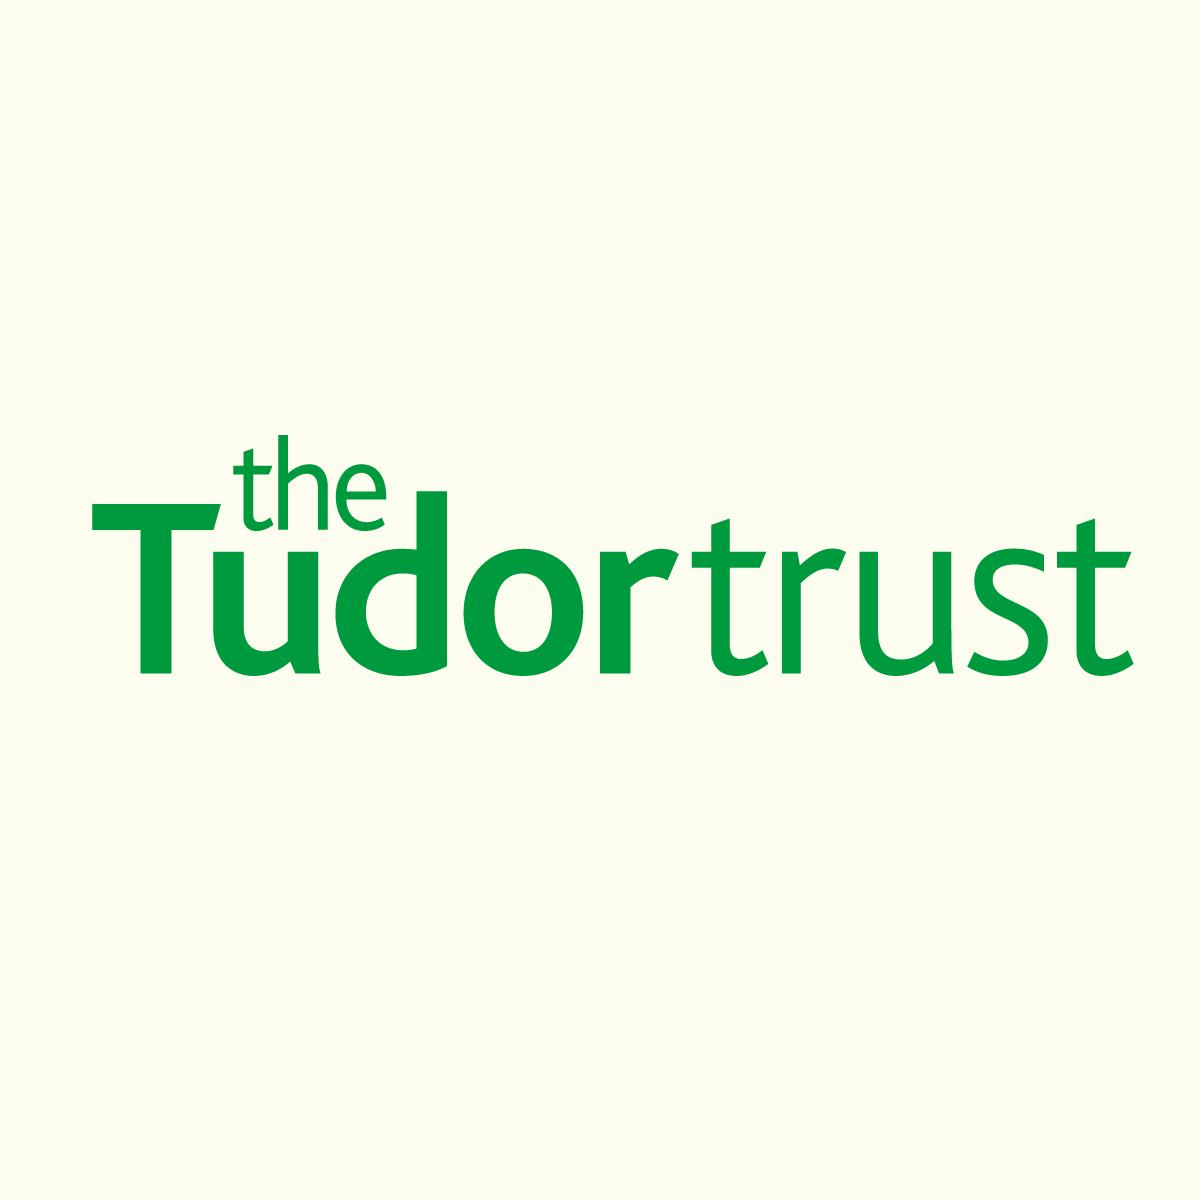 the-tudor-trust-sq1.png